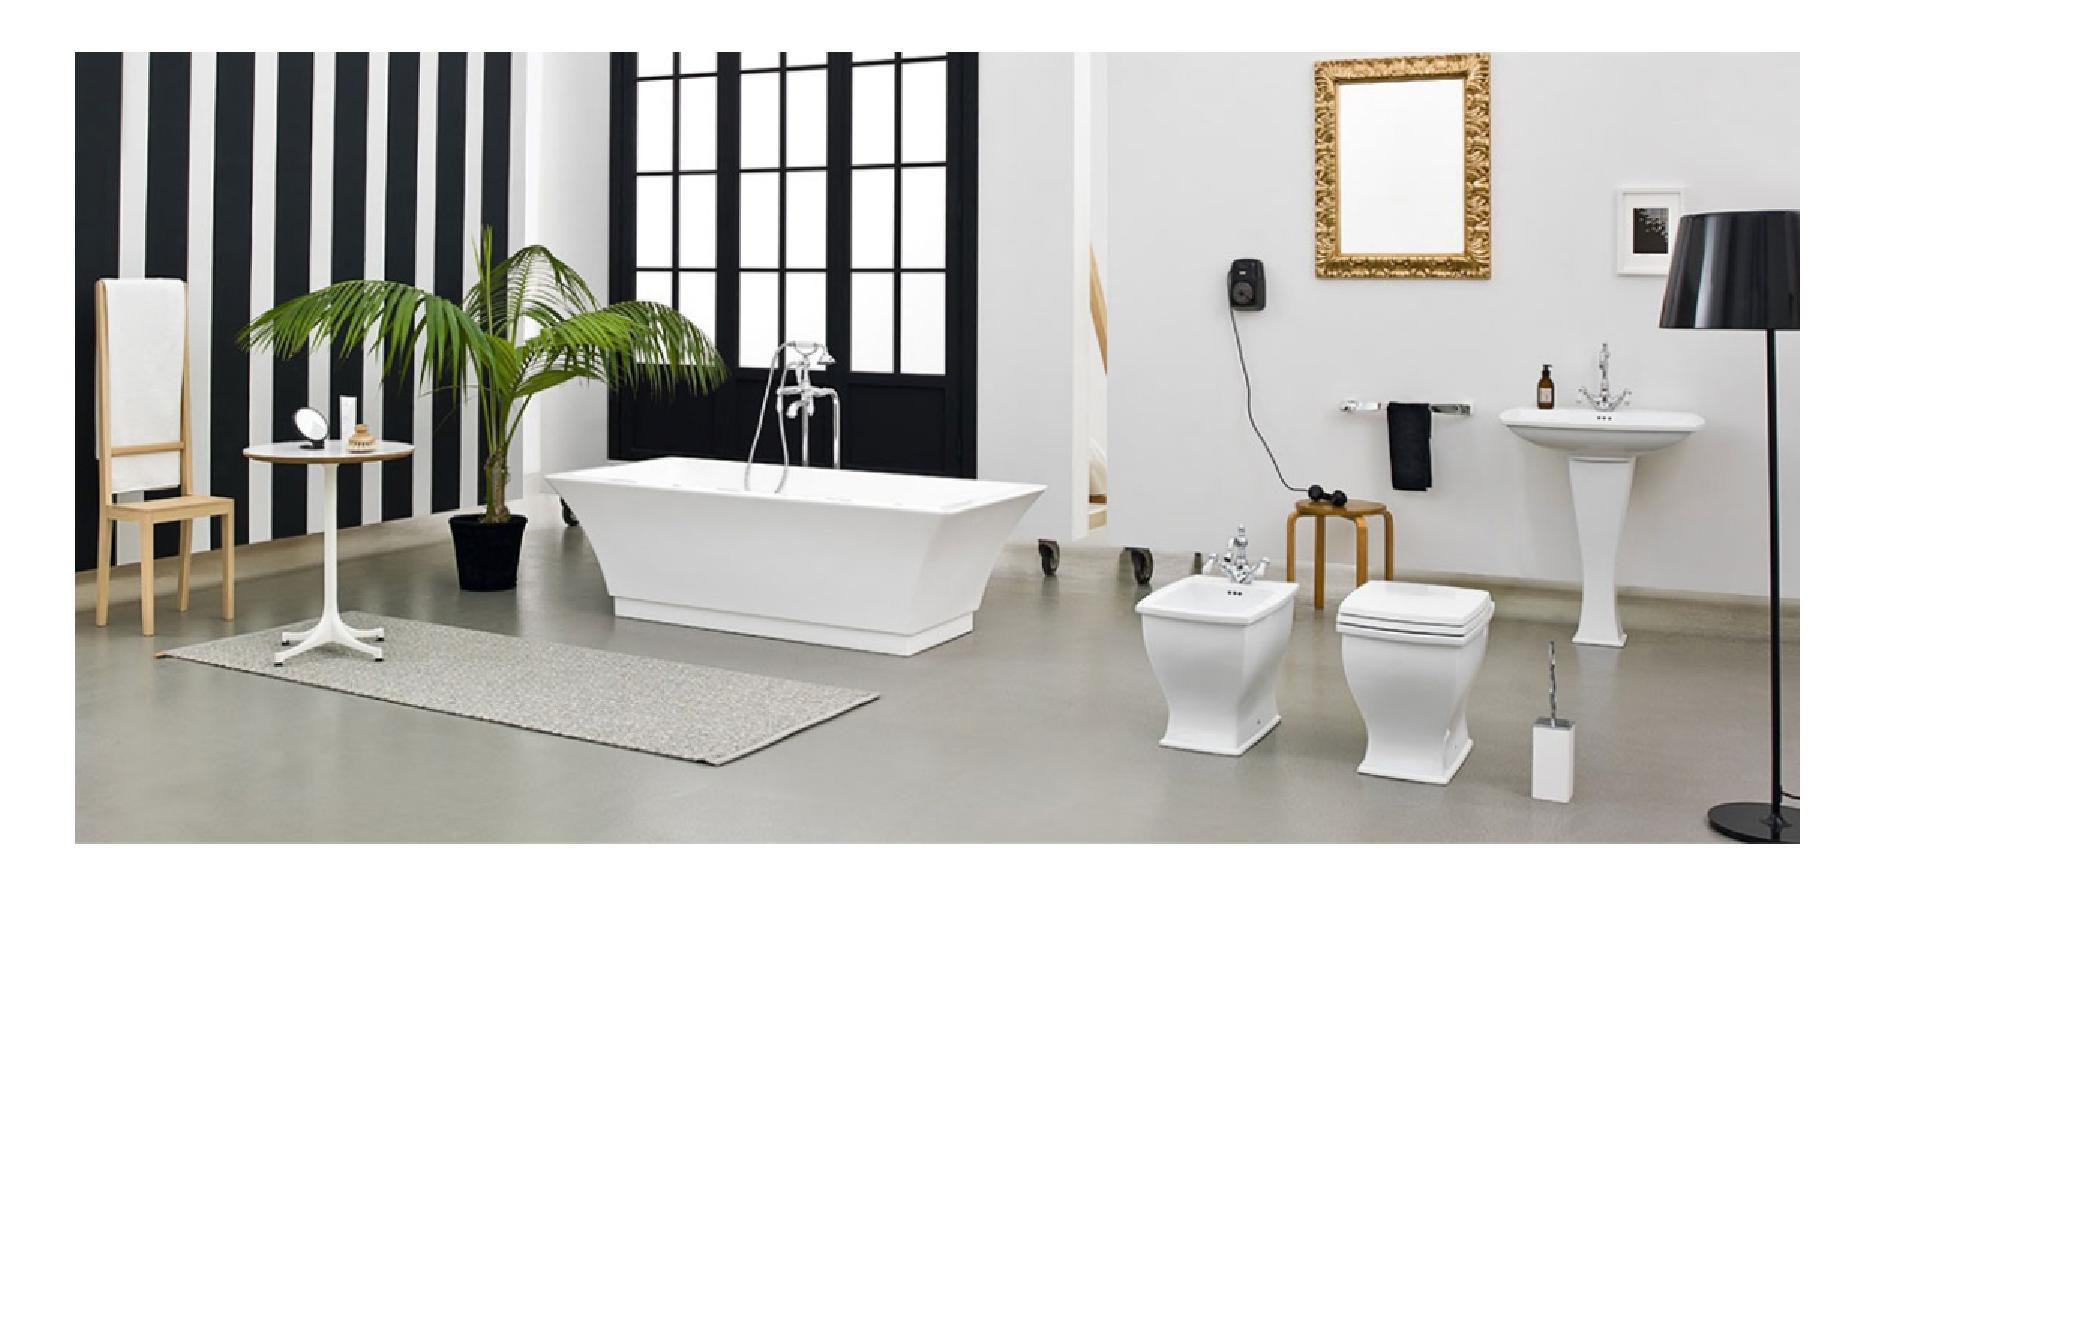 Vasca Da Bagno Jazz : Sanitari da bagno: sanitari bidet filo muro jezz